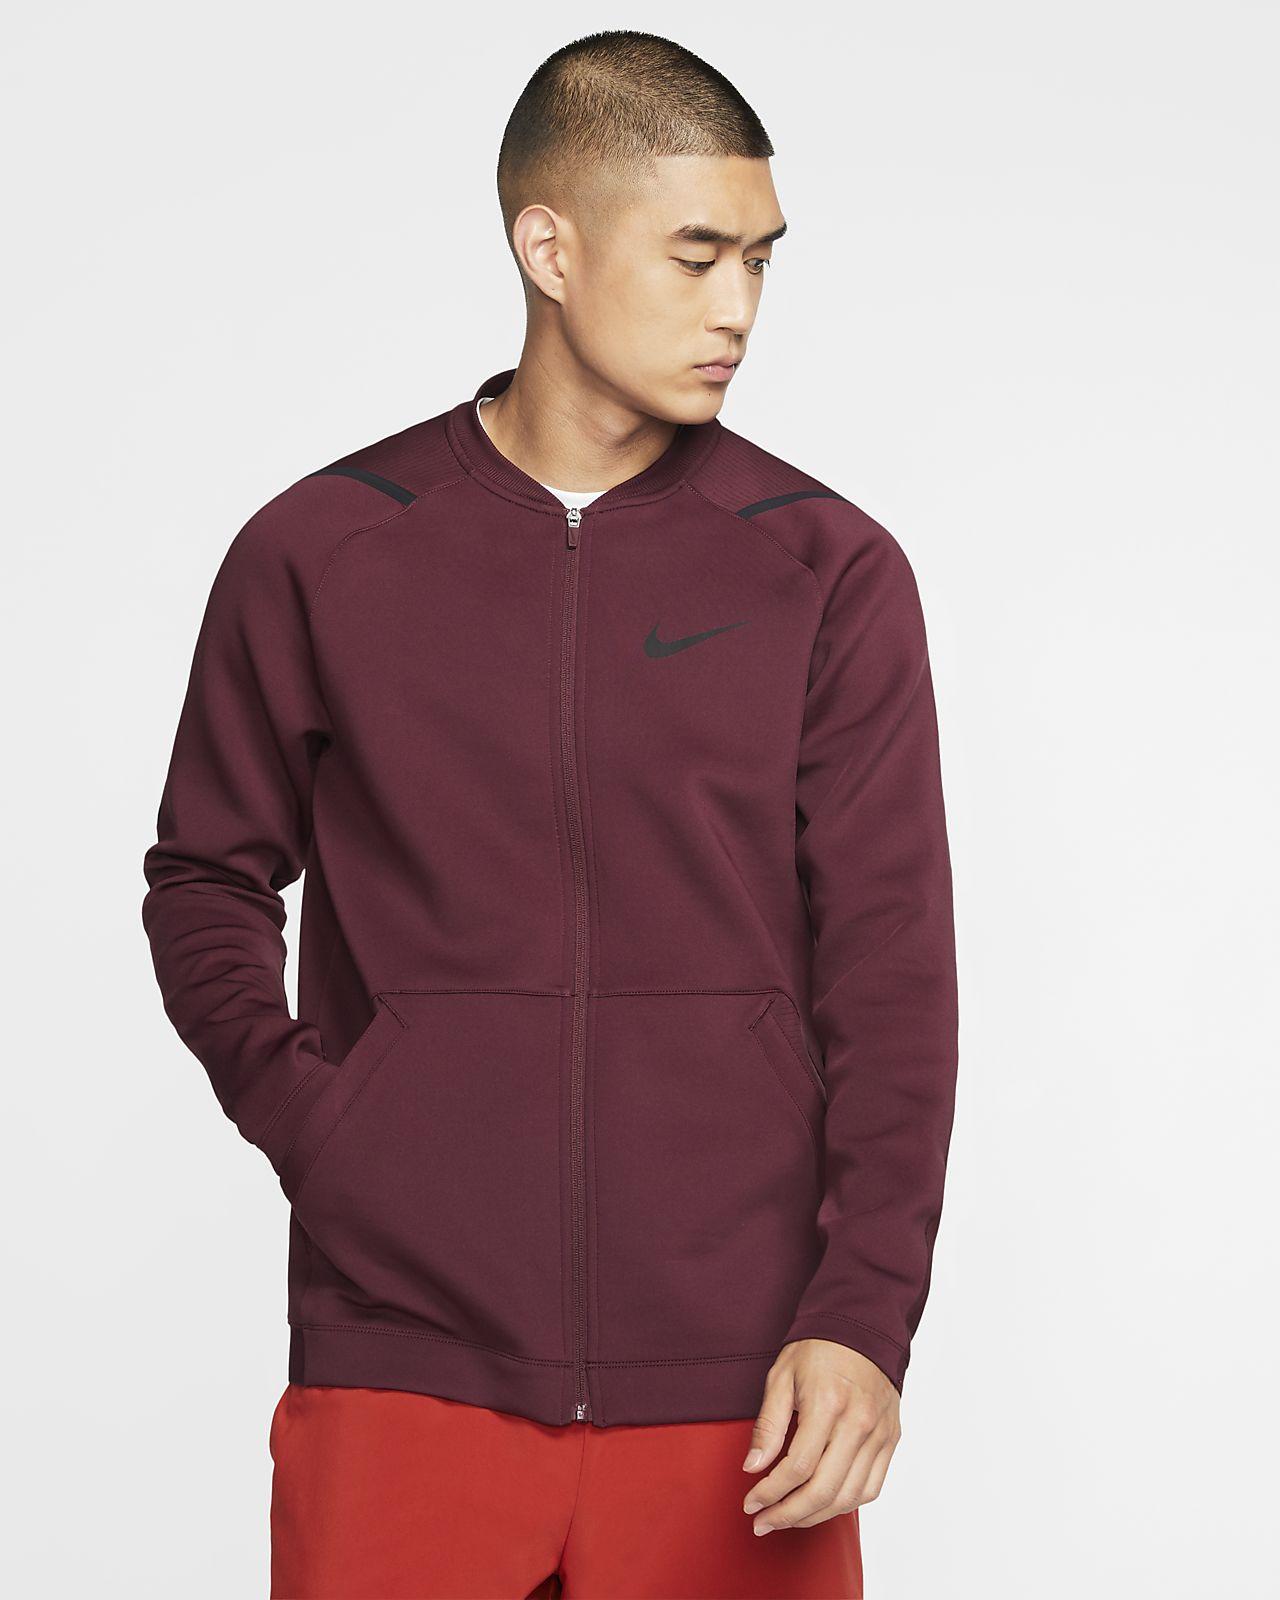 Maroon Jacket (Men's)